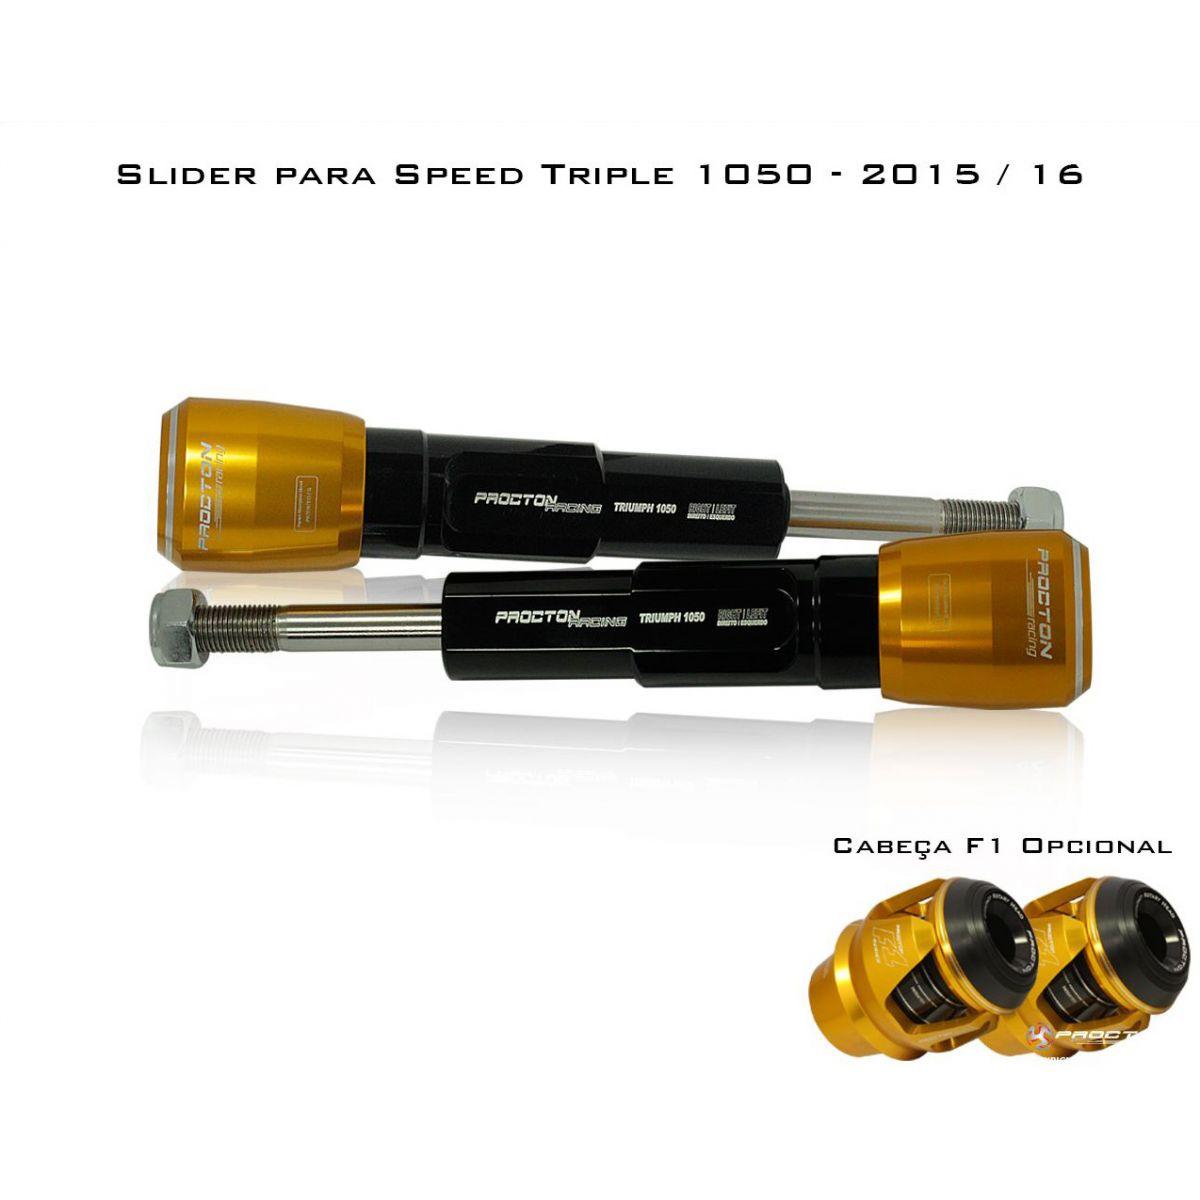 Slider Dianteiro Procton com Amortecimento p/ Street Triple 1050 15/16  - Nova Suzuki Motos e Acessórios